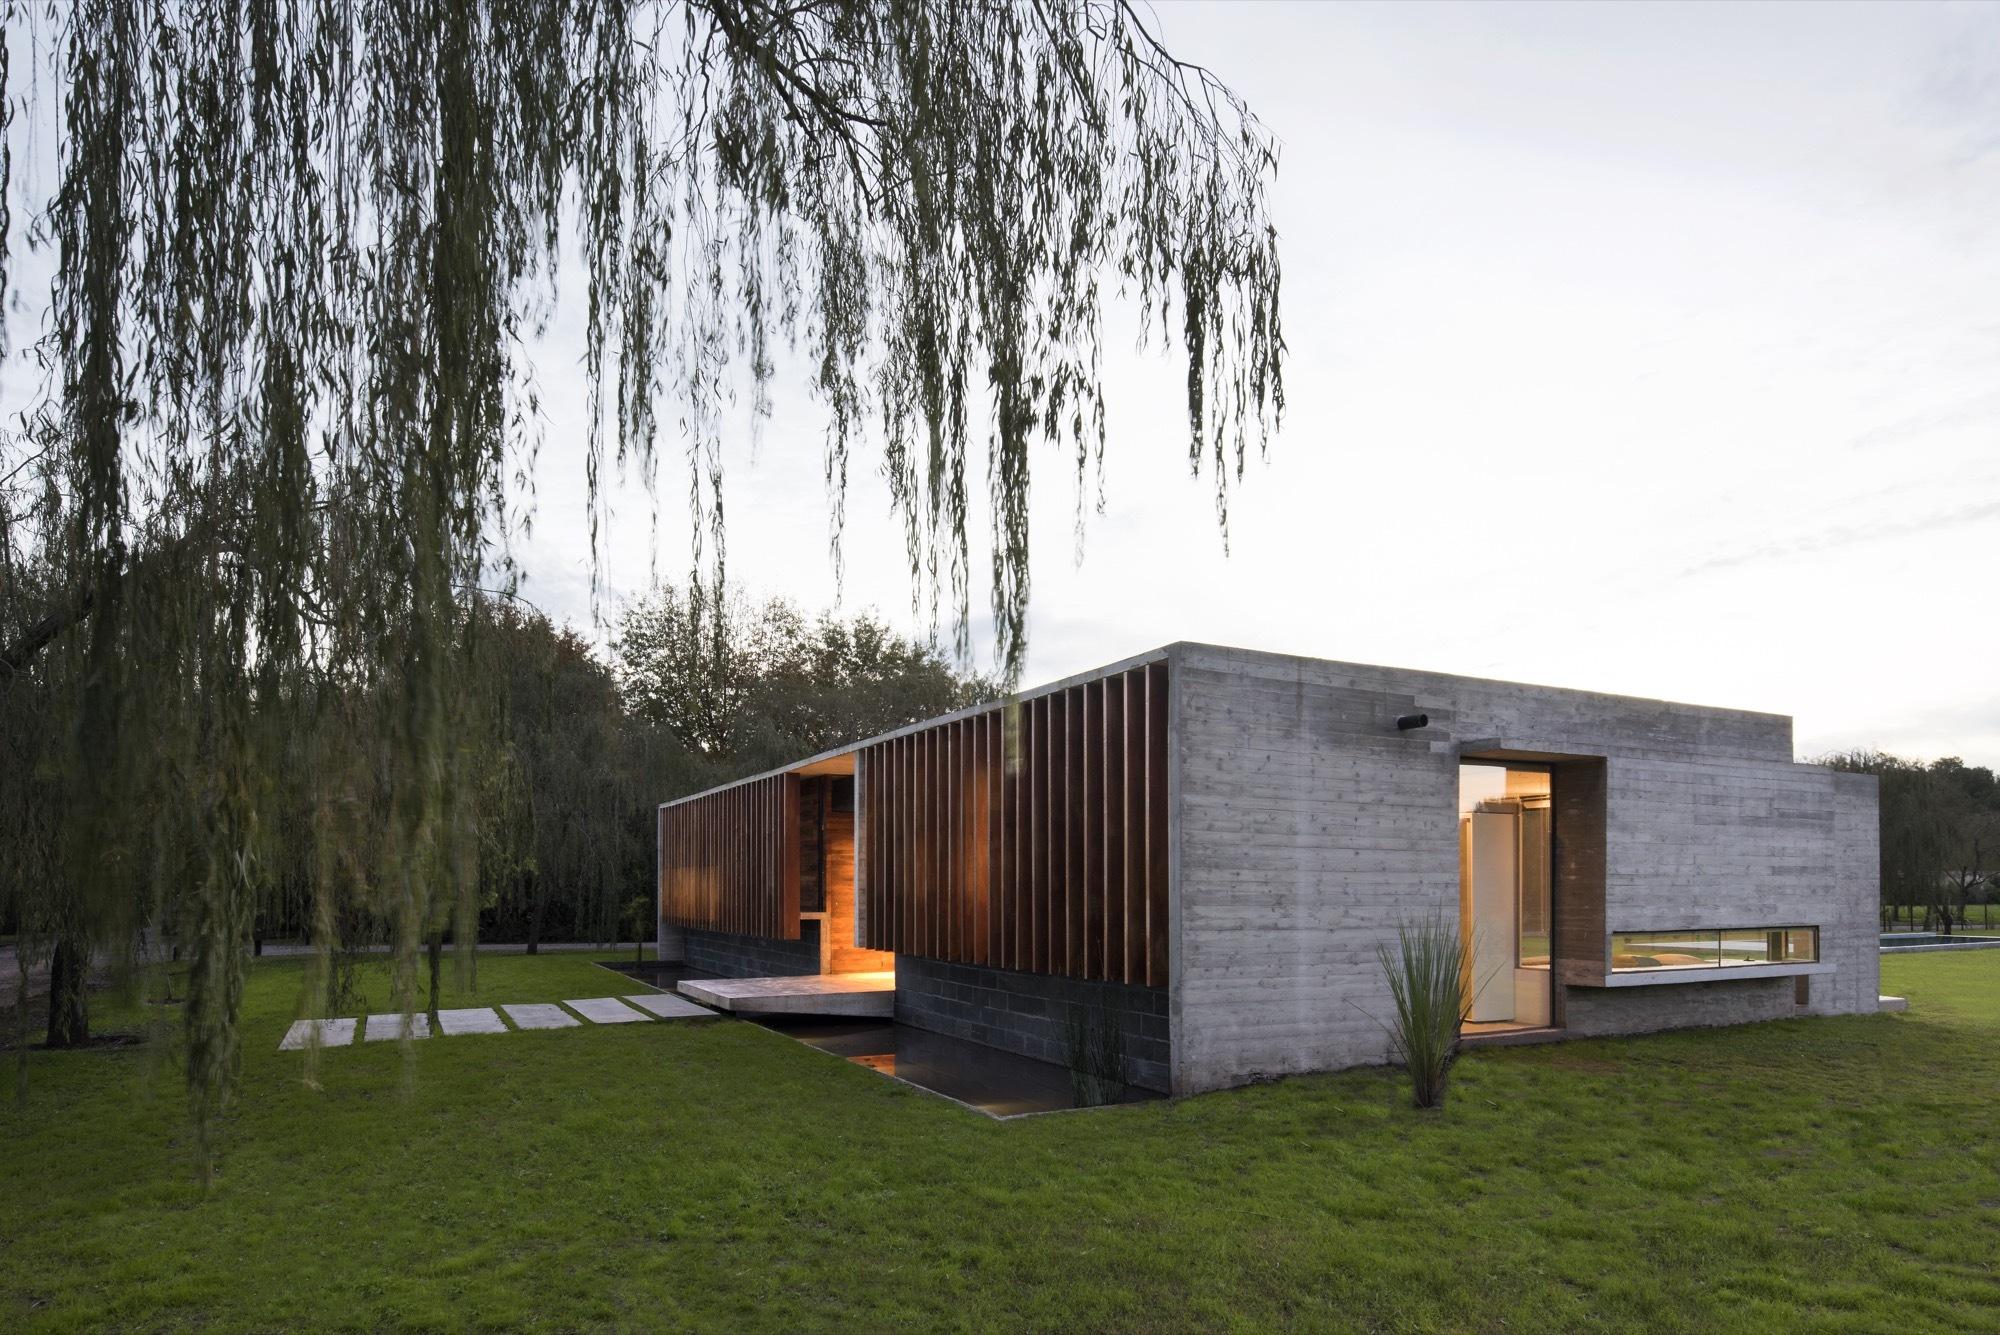 Rodriguez House / Luciano Kruk